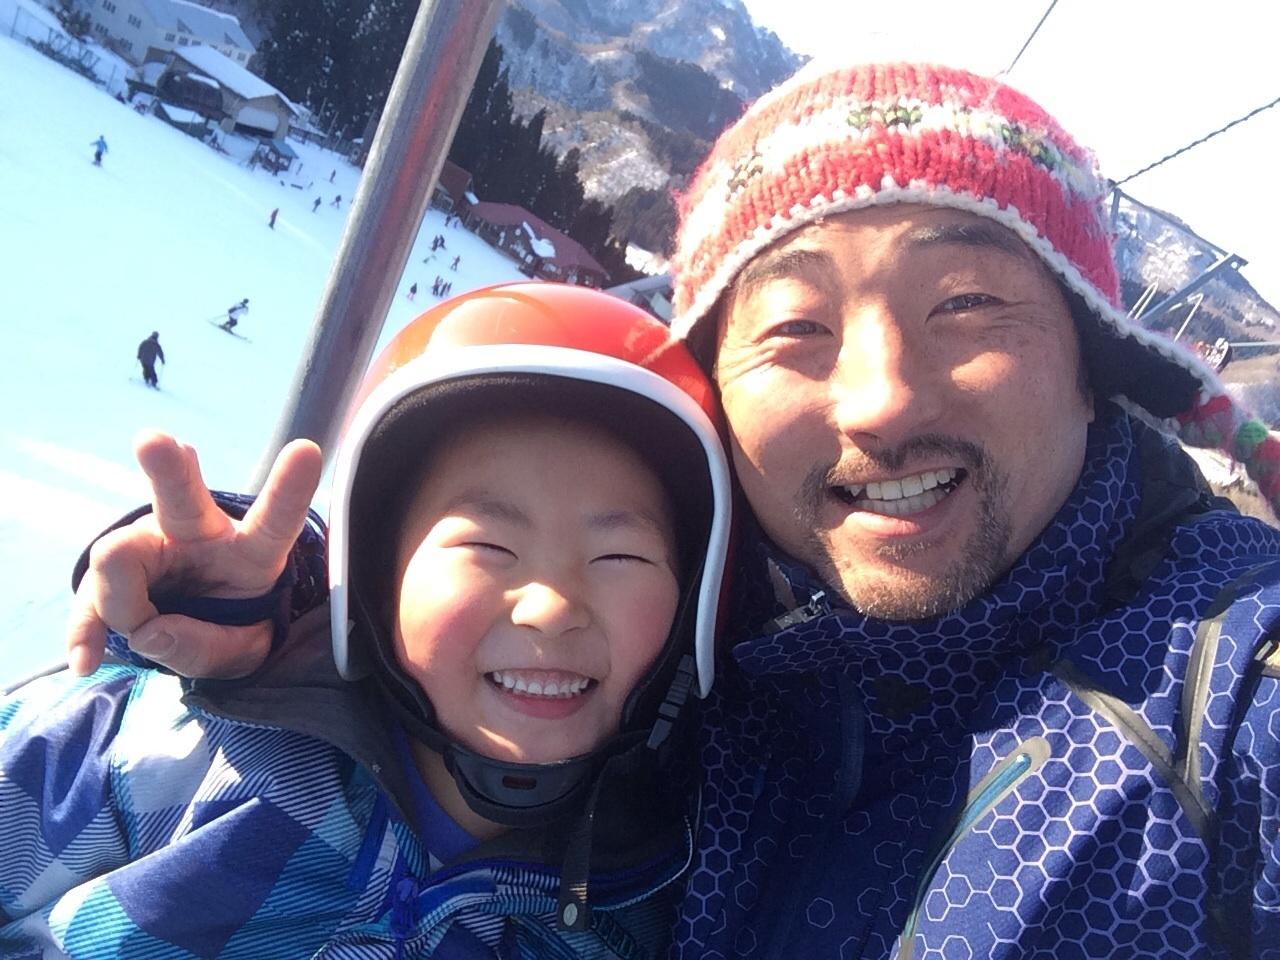 スキー場大盛況!!_f0101226_18080661.jpg